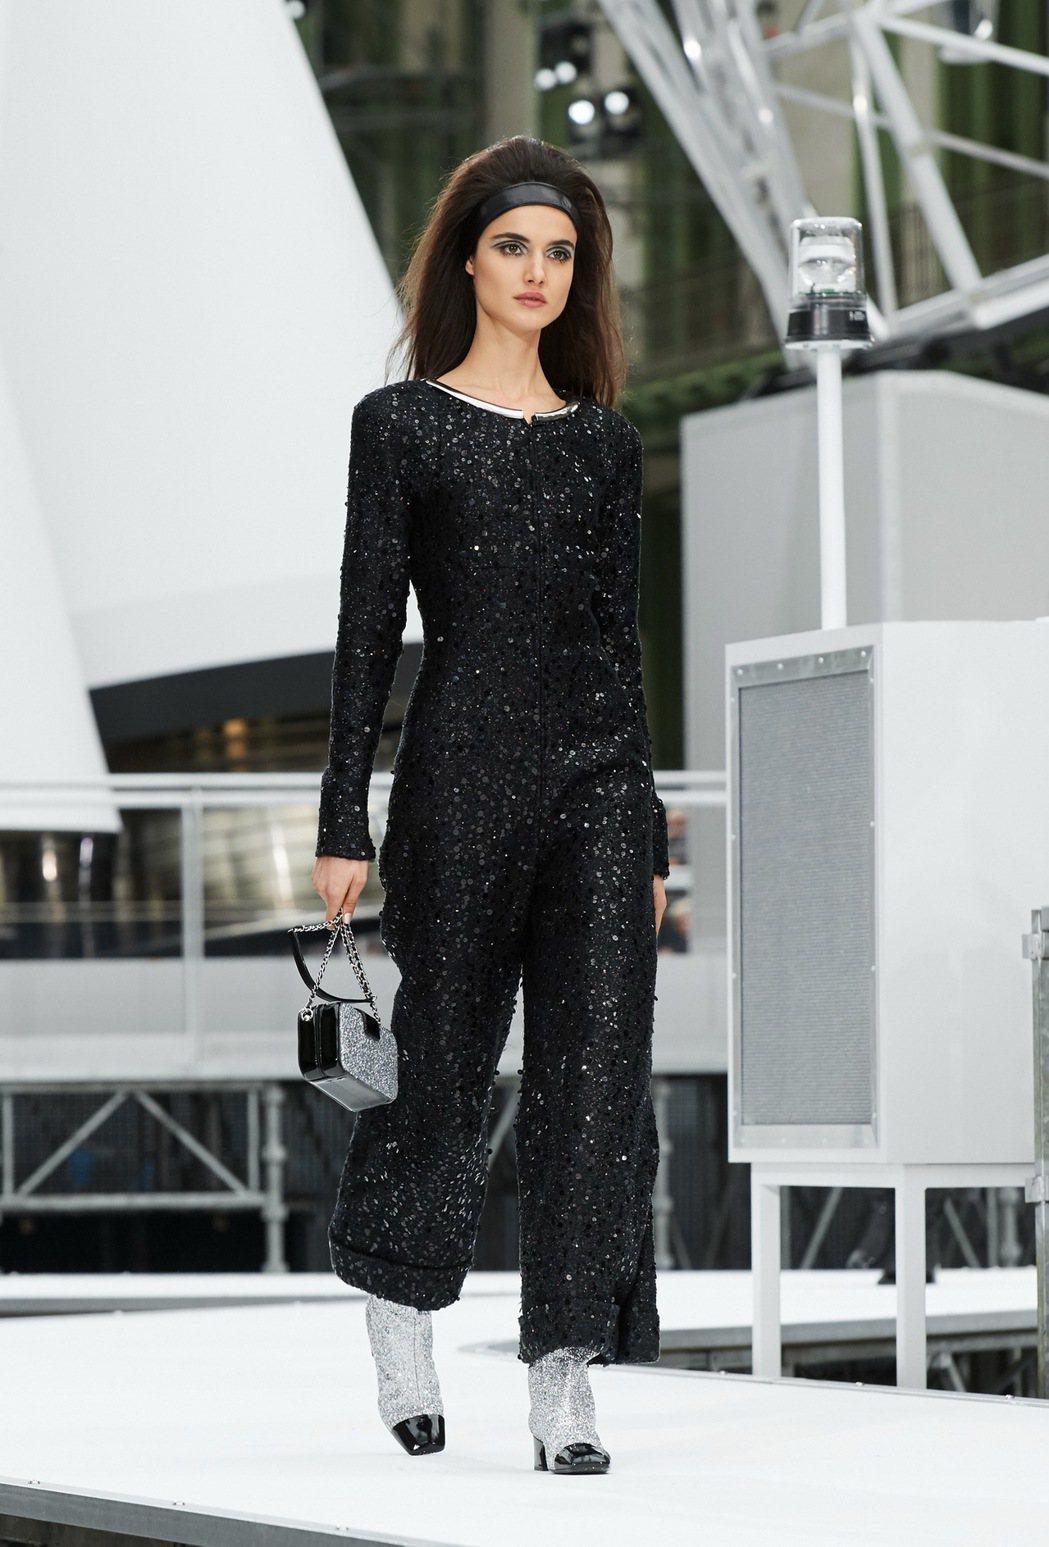 蒂妲史雲頓穿的香奈兒2017春夏高級訂製服。圖/香奈兒提供